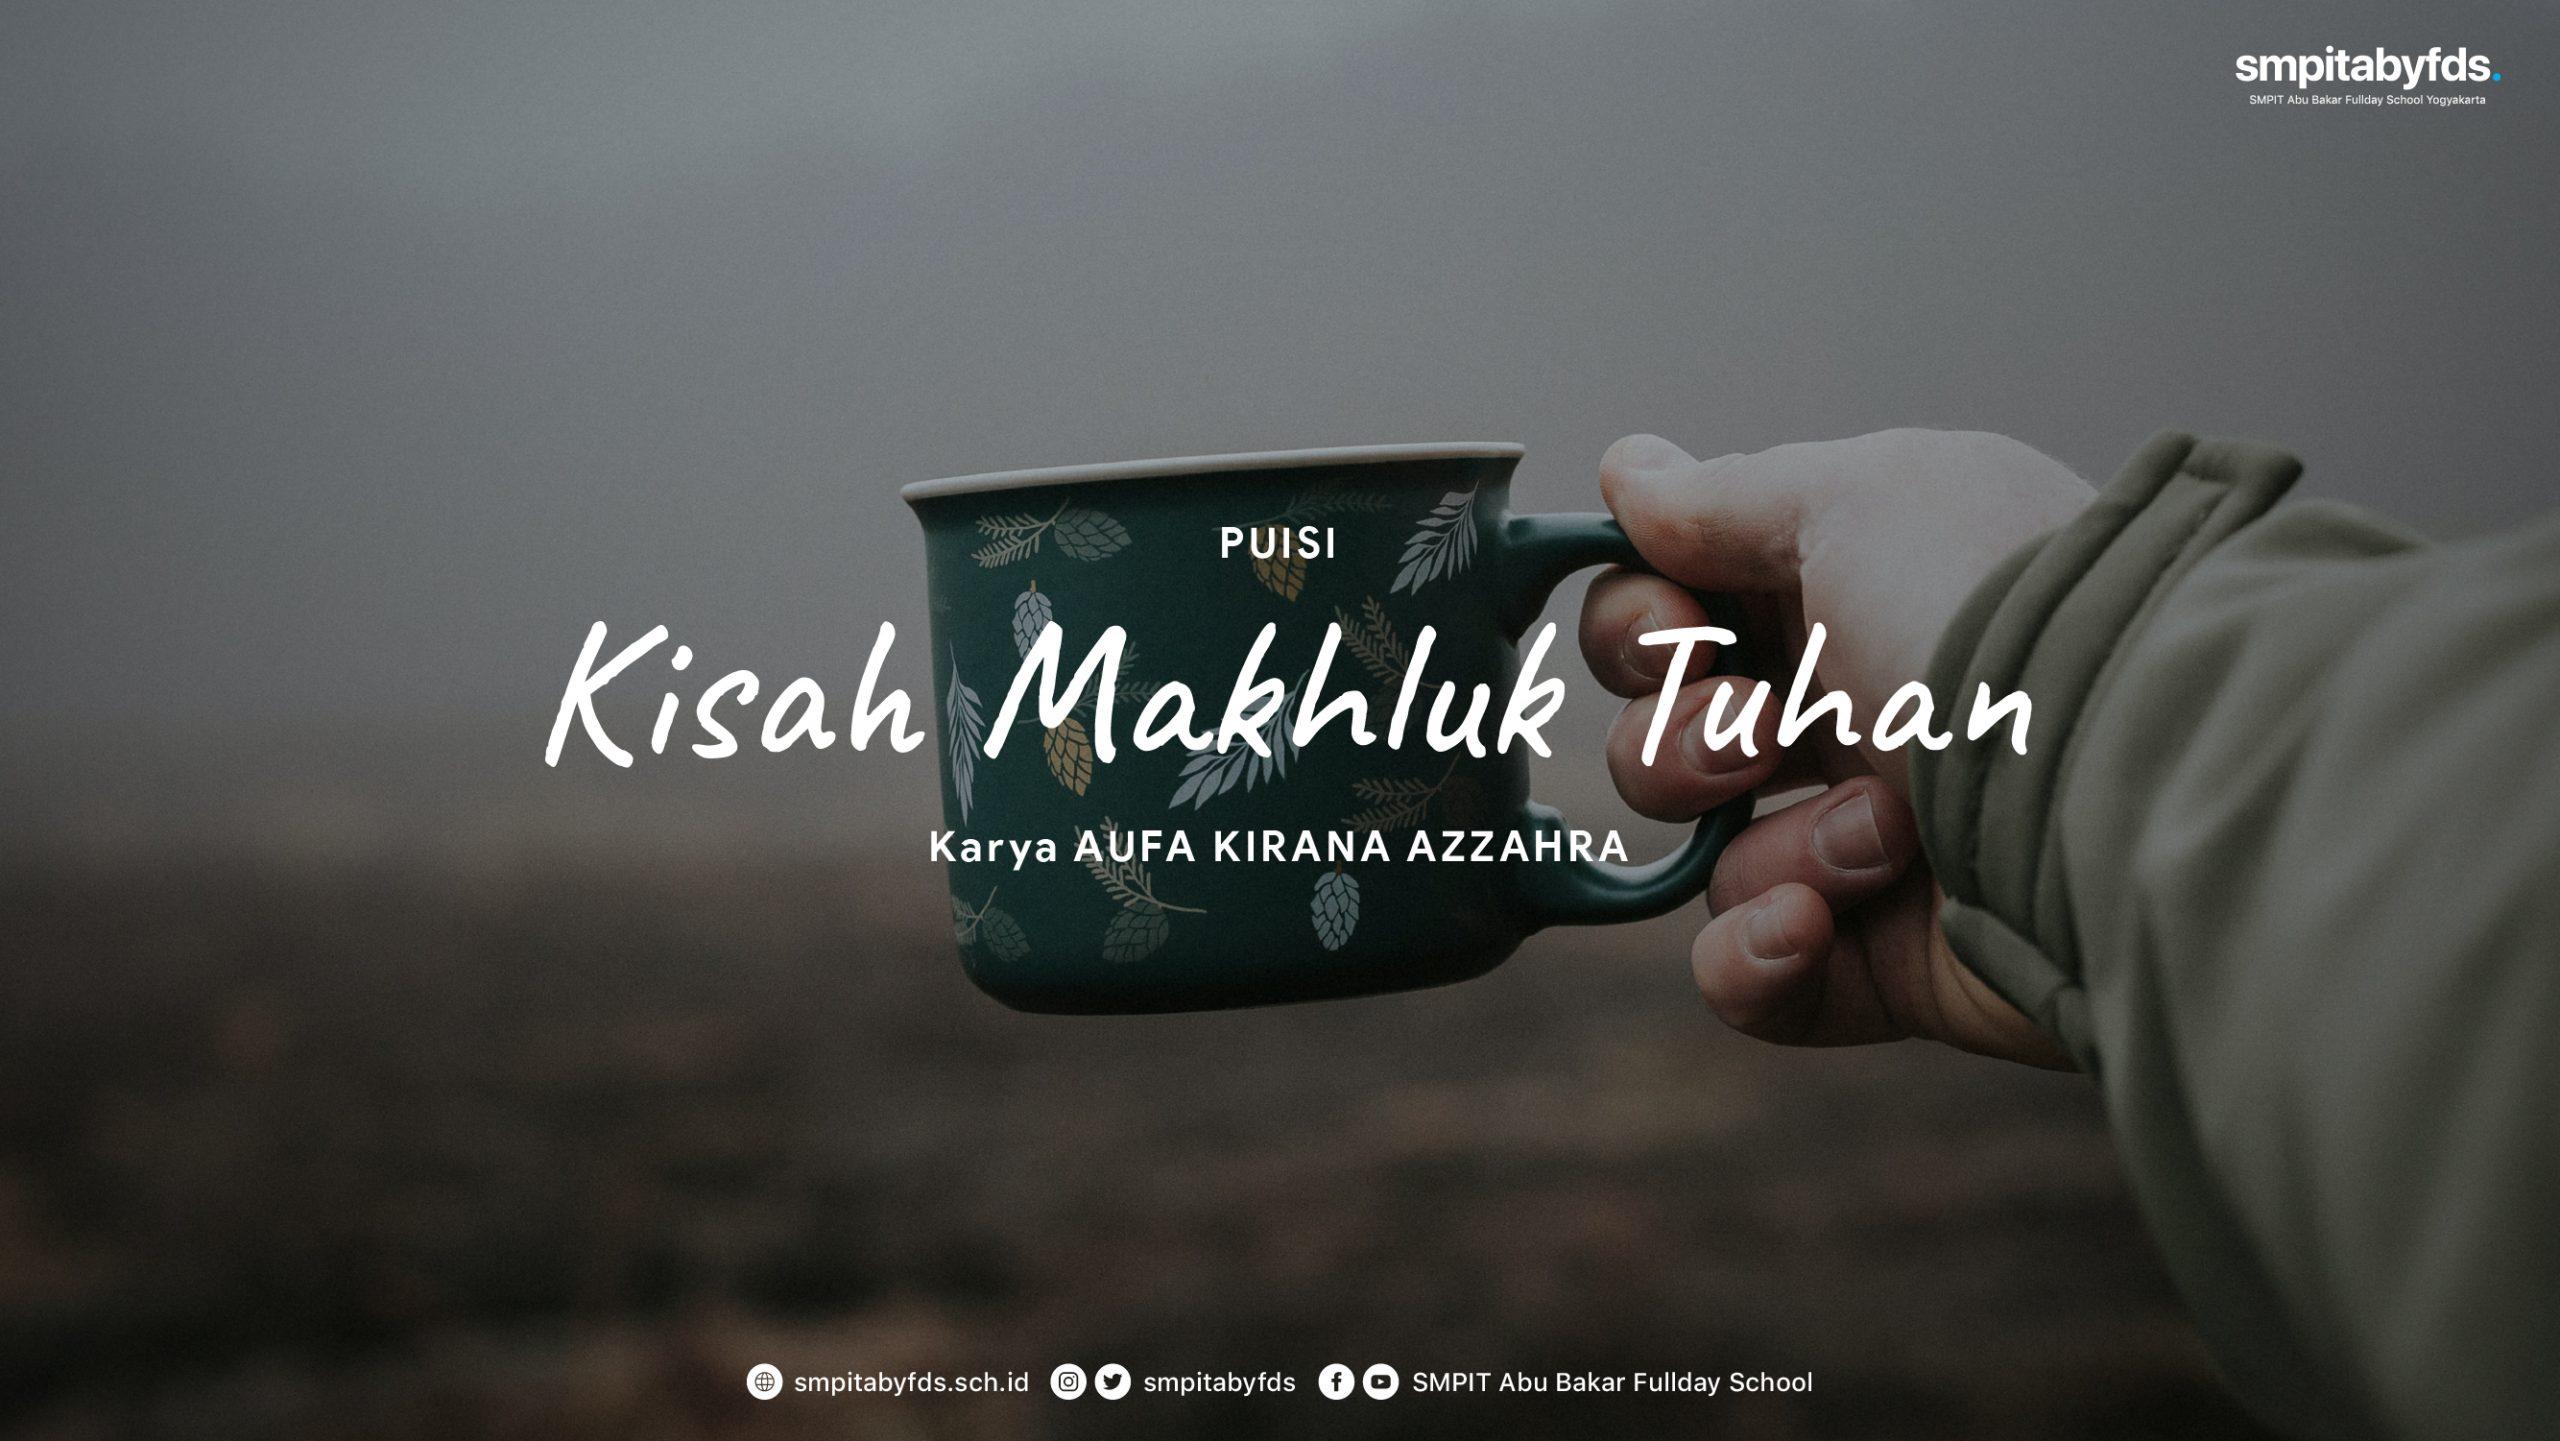 You are currently viewing Puisi – Kisah Makhluk Tuhan karya Aufa Kirana Azzahra